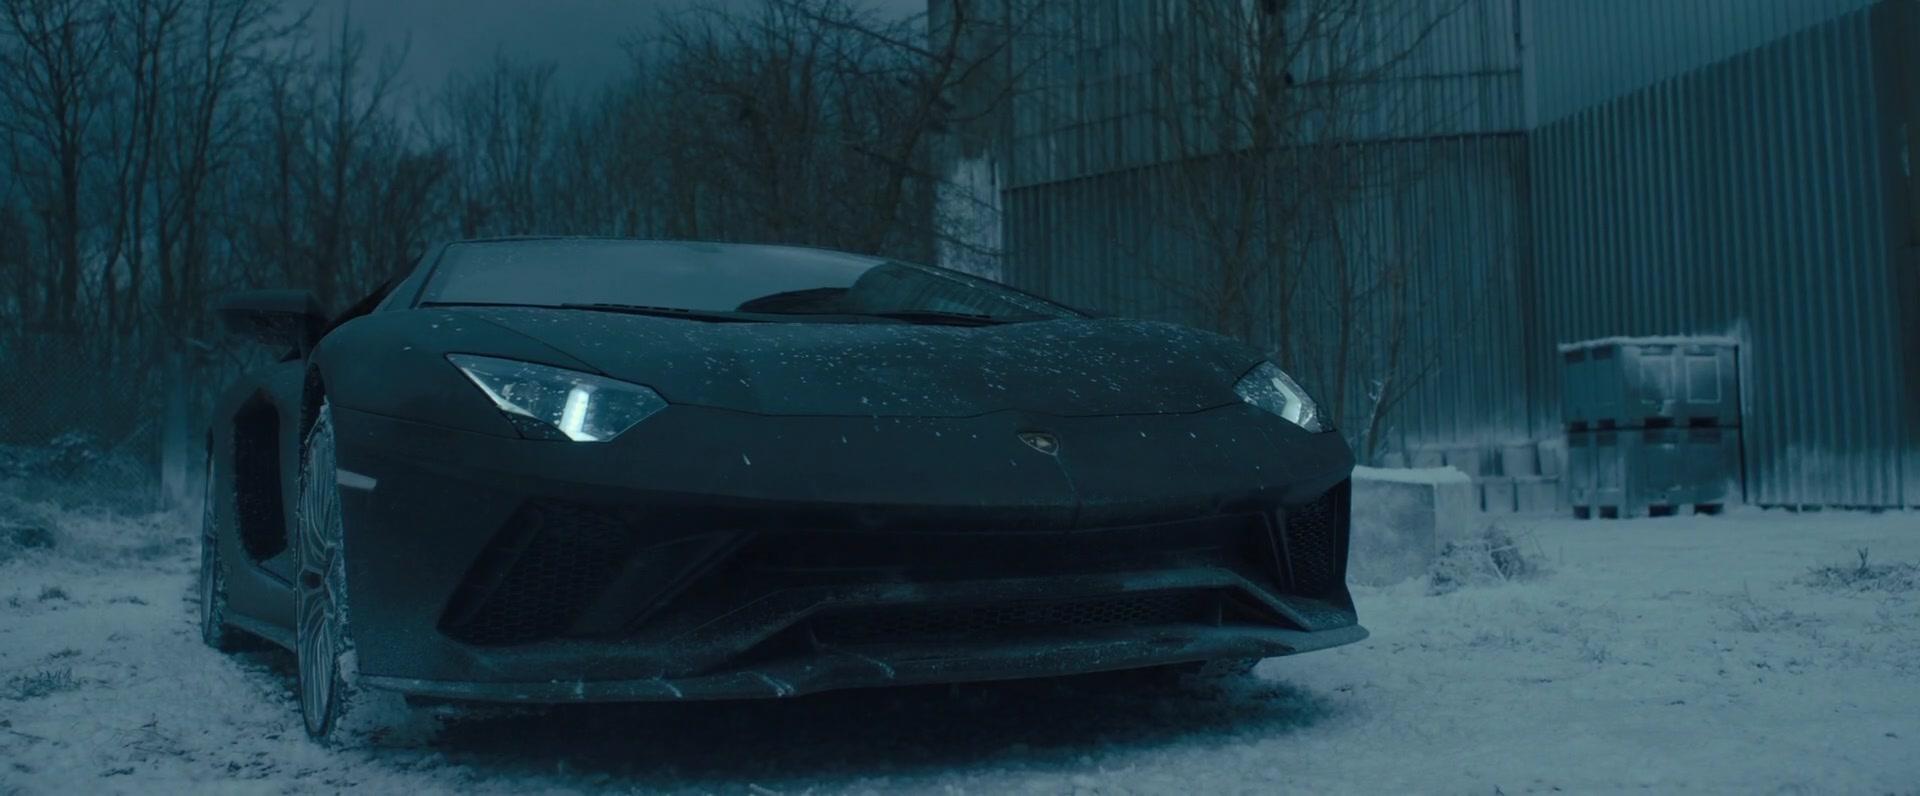 Lamborghini Aventador Sports Car In The Girl In The Spider E S Web